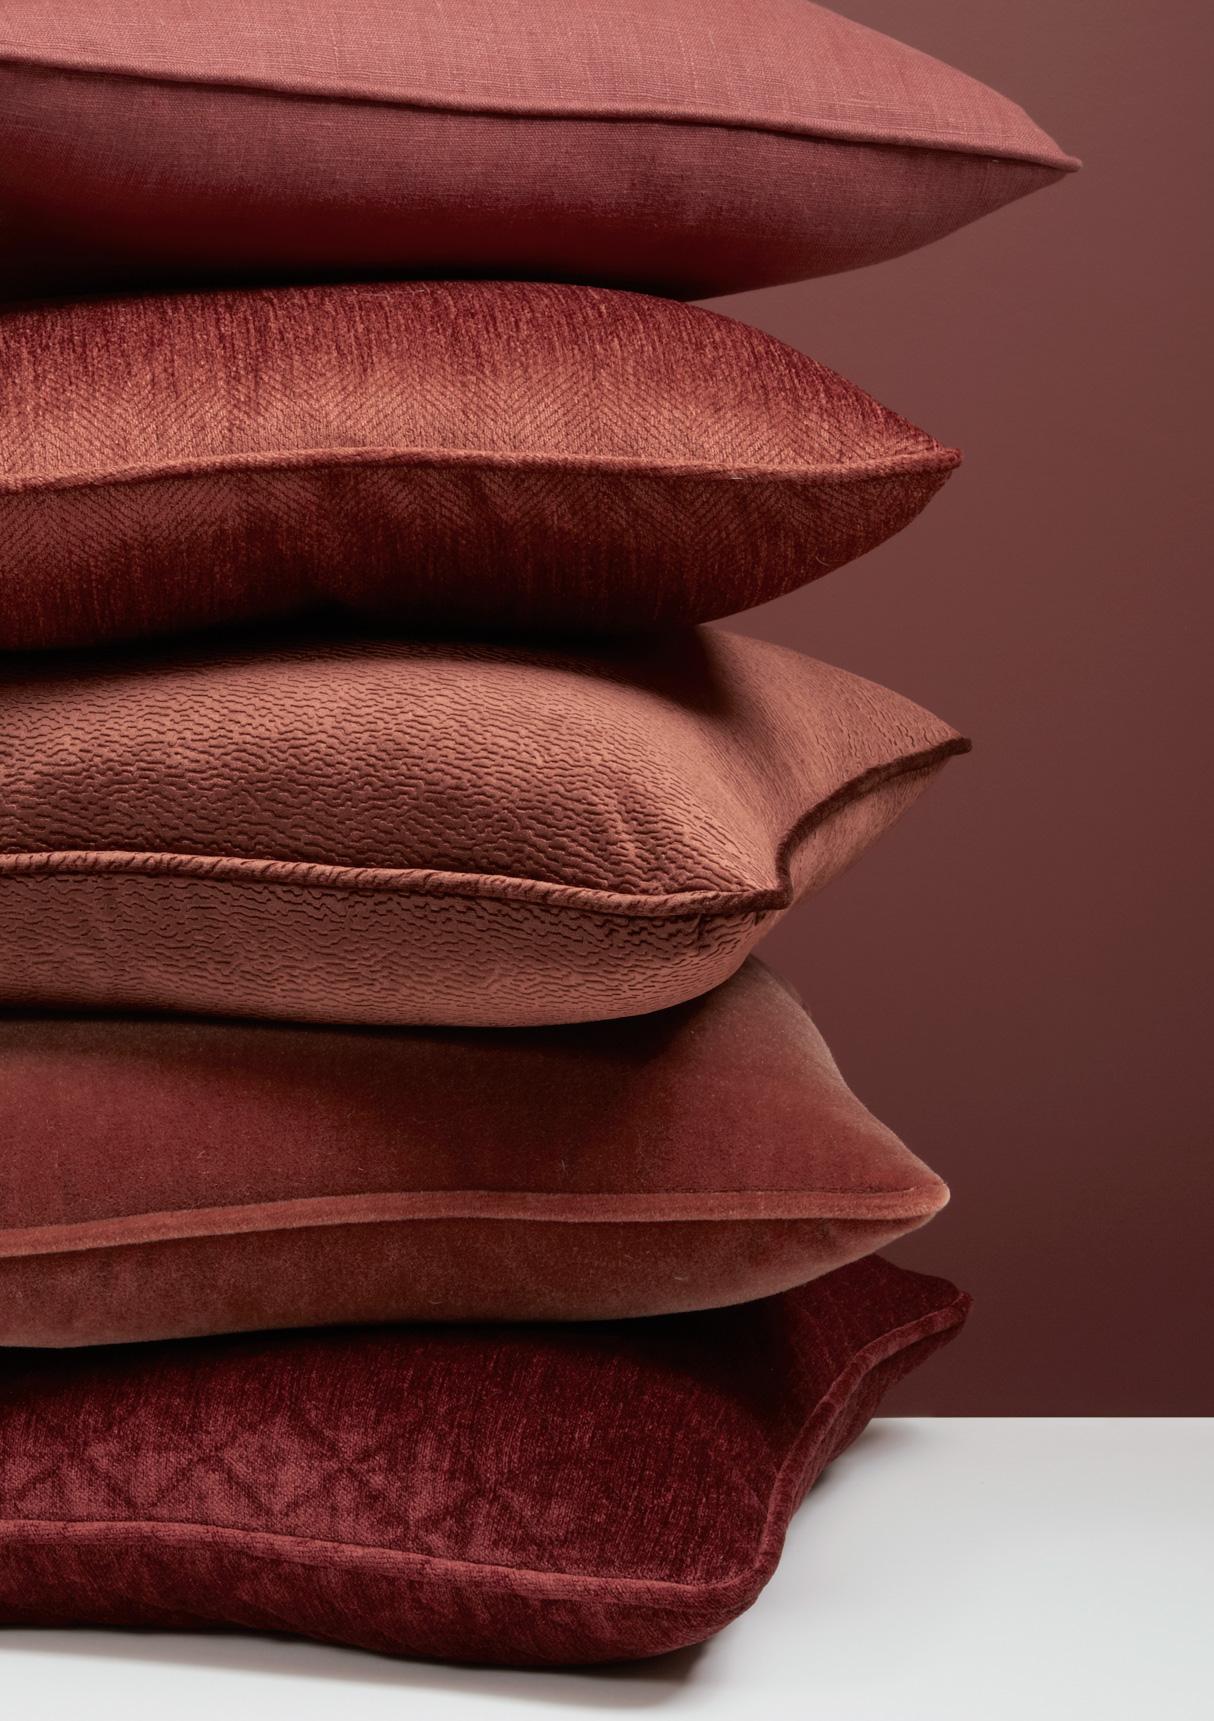 Colore marsala il pantone dell 39 anno nell 39 arredamento for Il colore nell arredamento